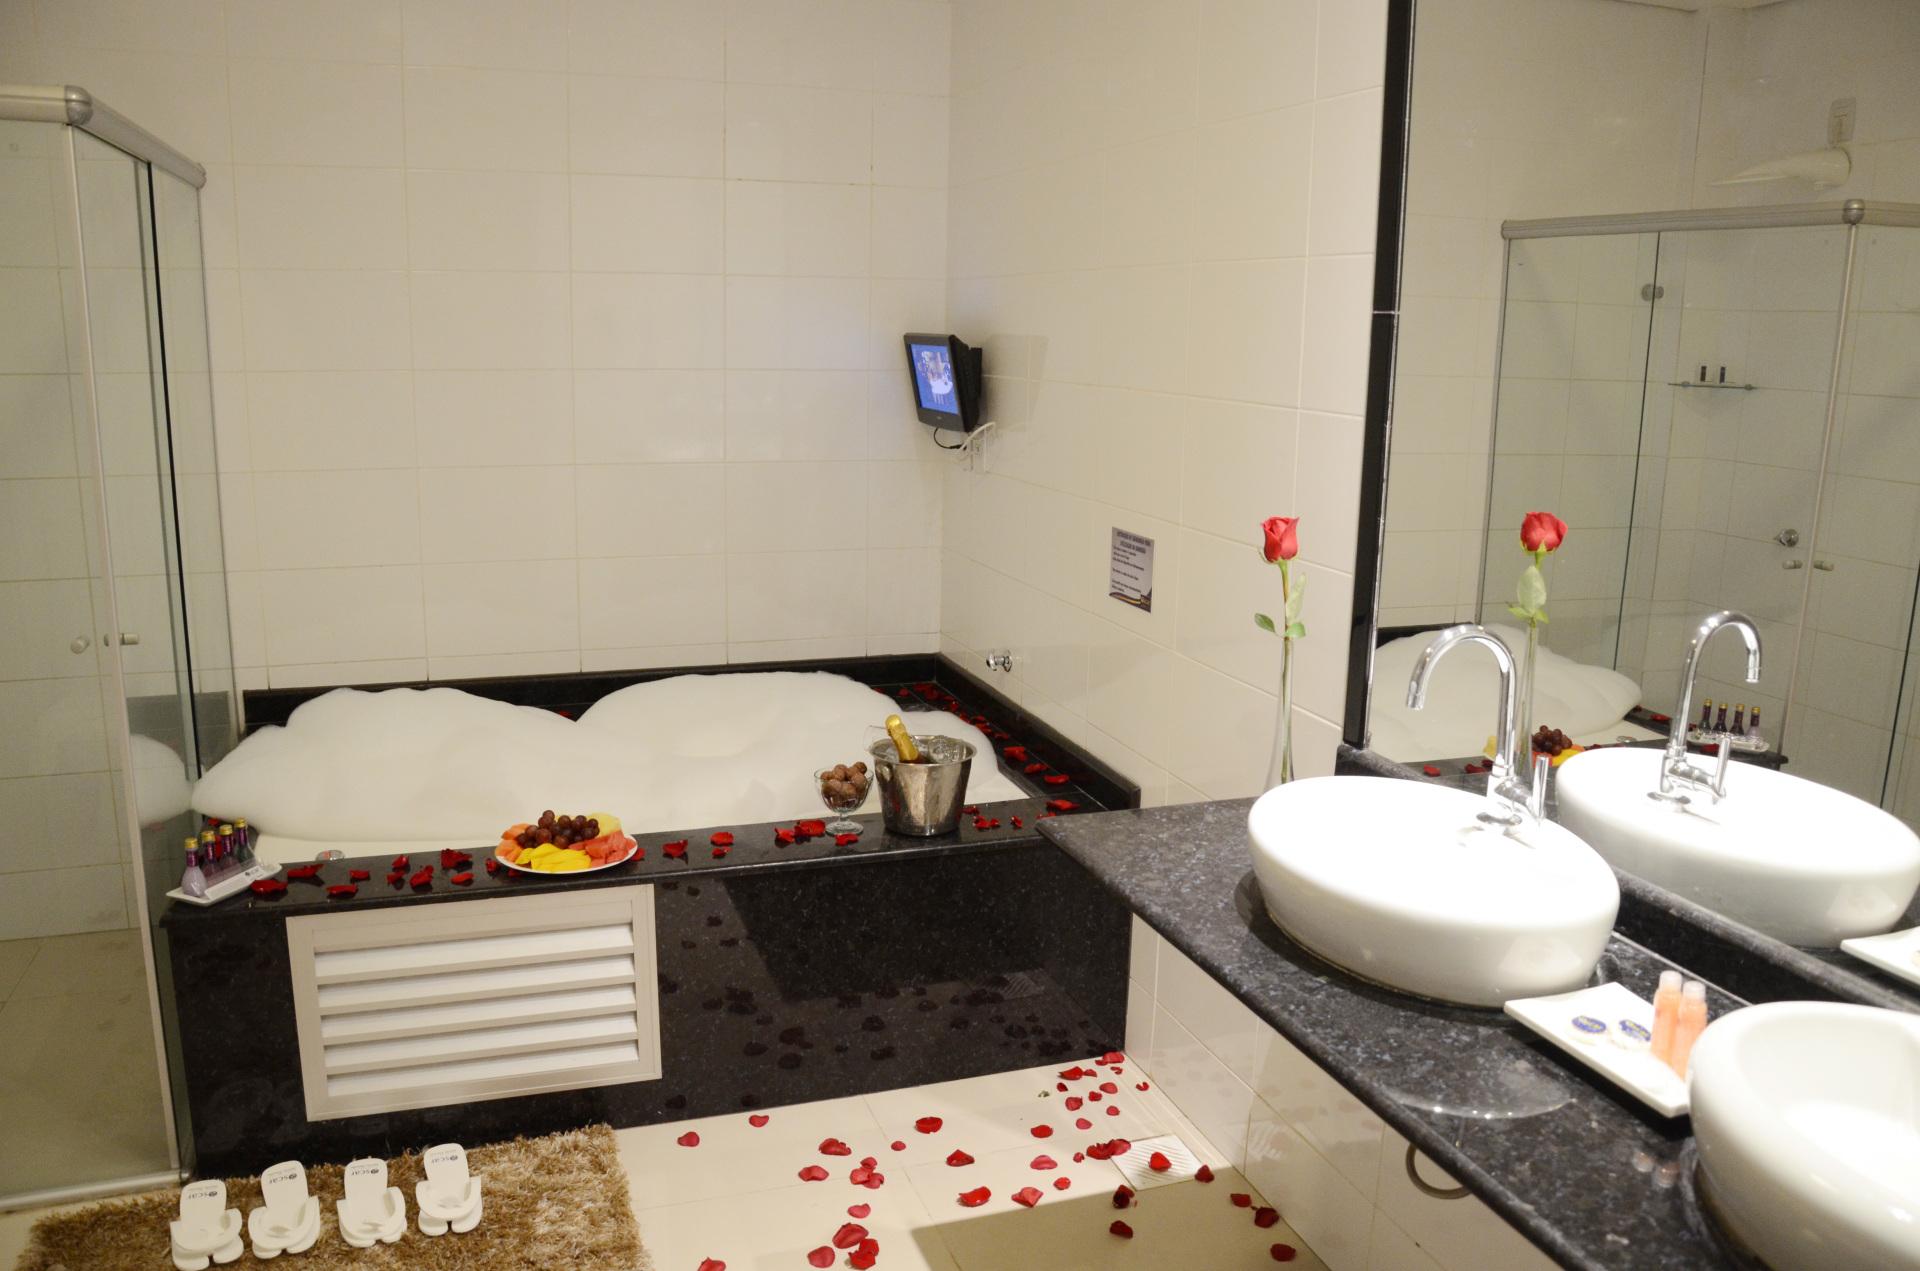 Dê uma folga pra rotina - Oscar Hotel Executive - Porto Velho - Rondônia